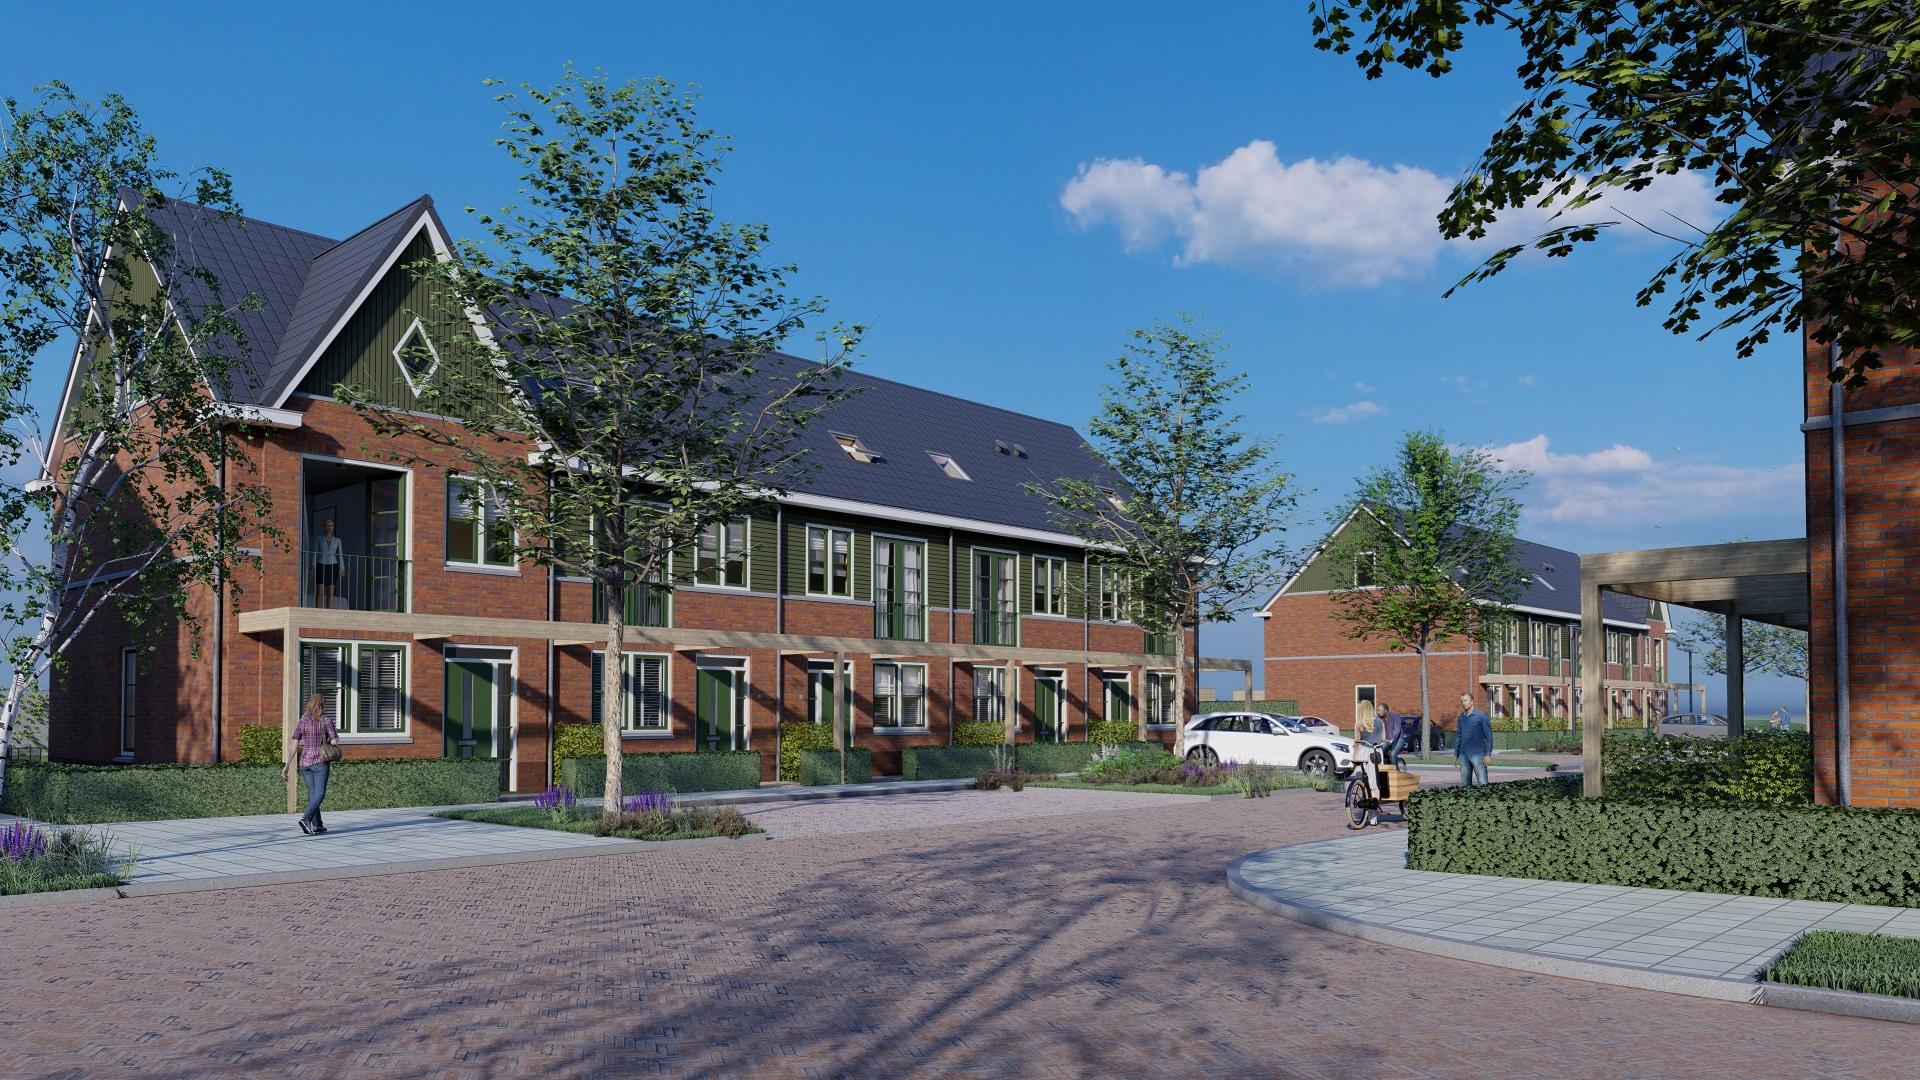 In verkoop: geweldig wonen in Spoordijk